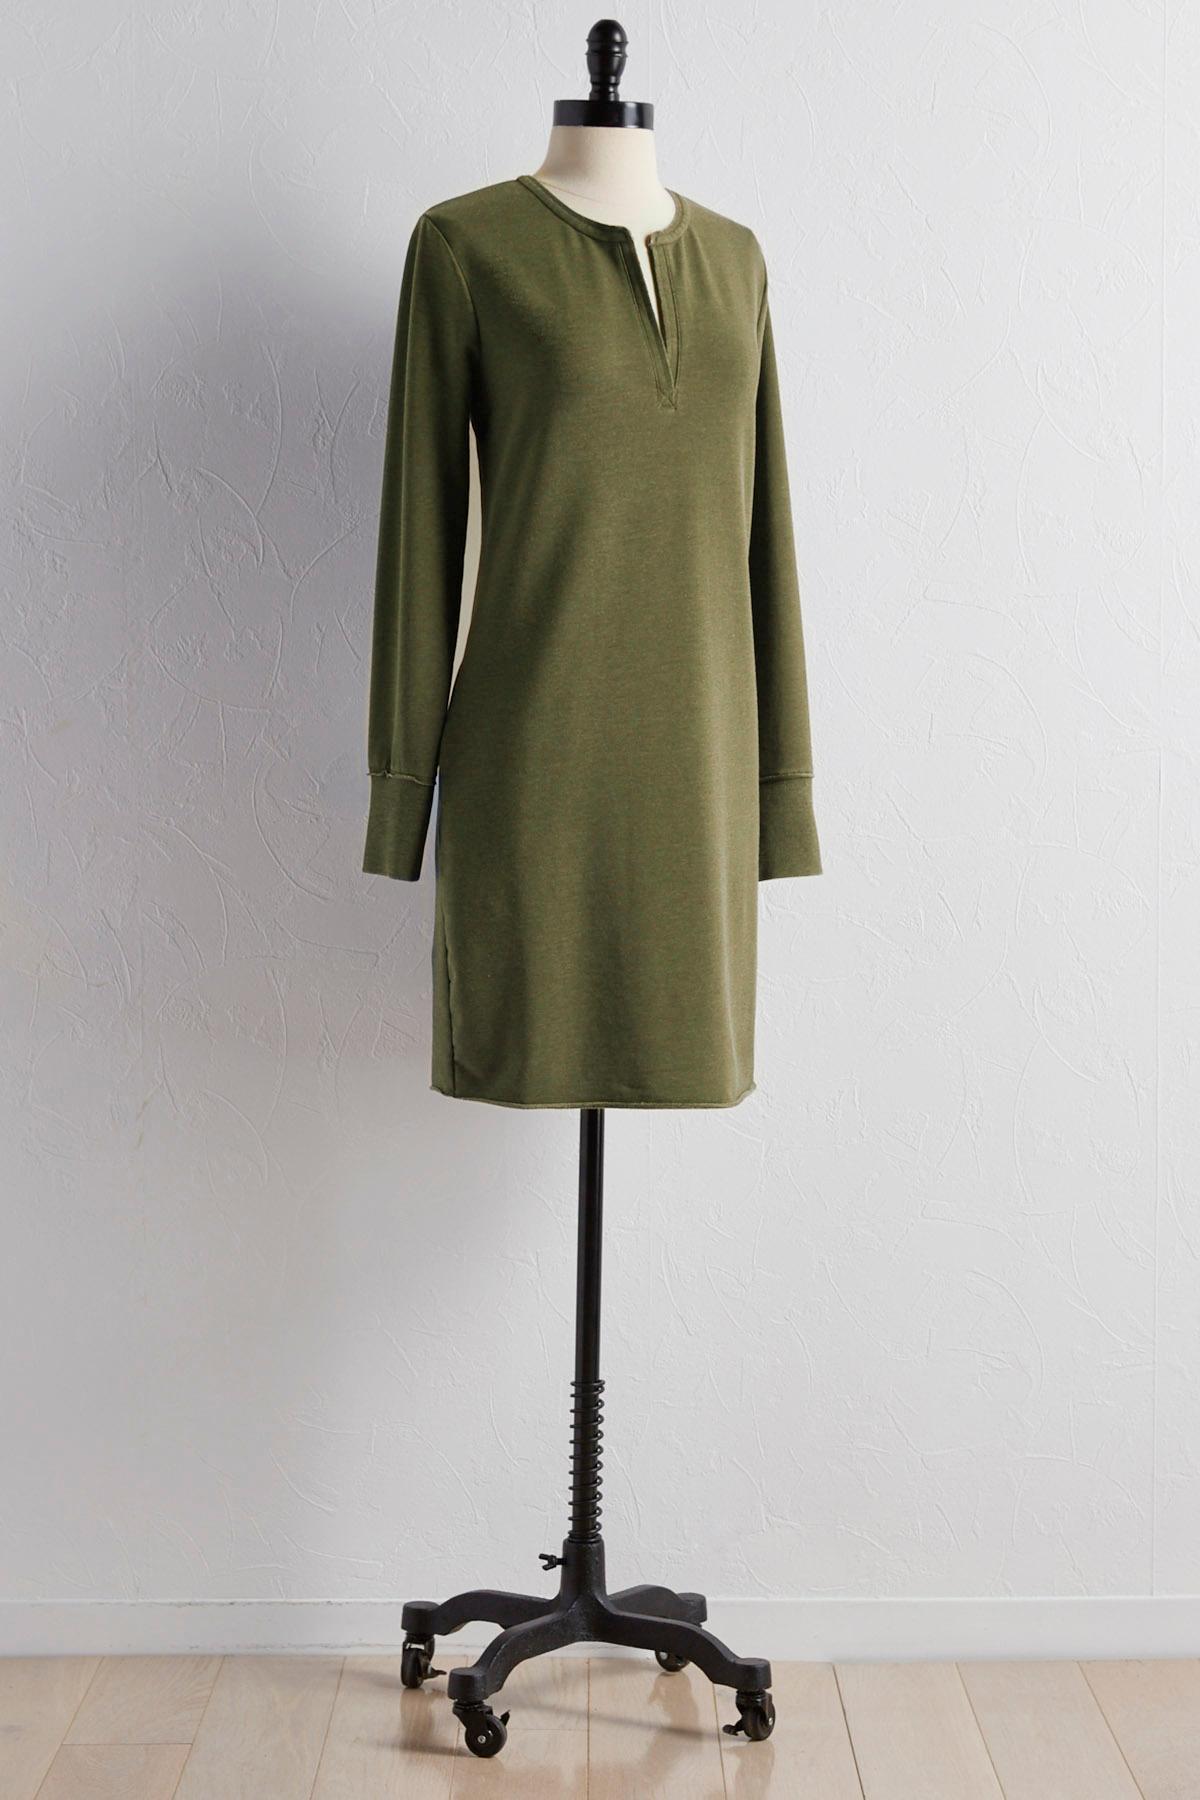 Split Neck Lounge Sweatshirt Dress